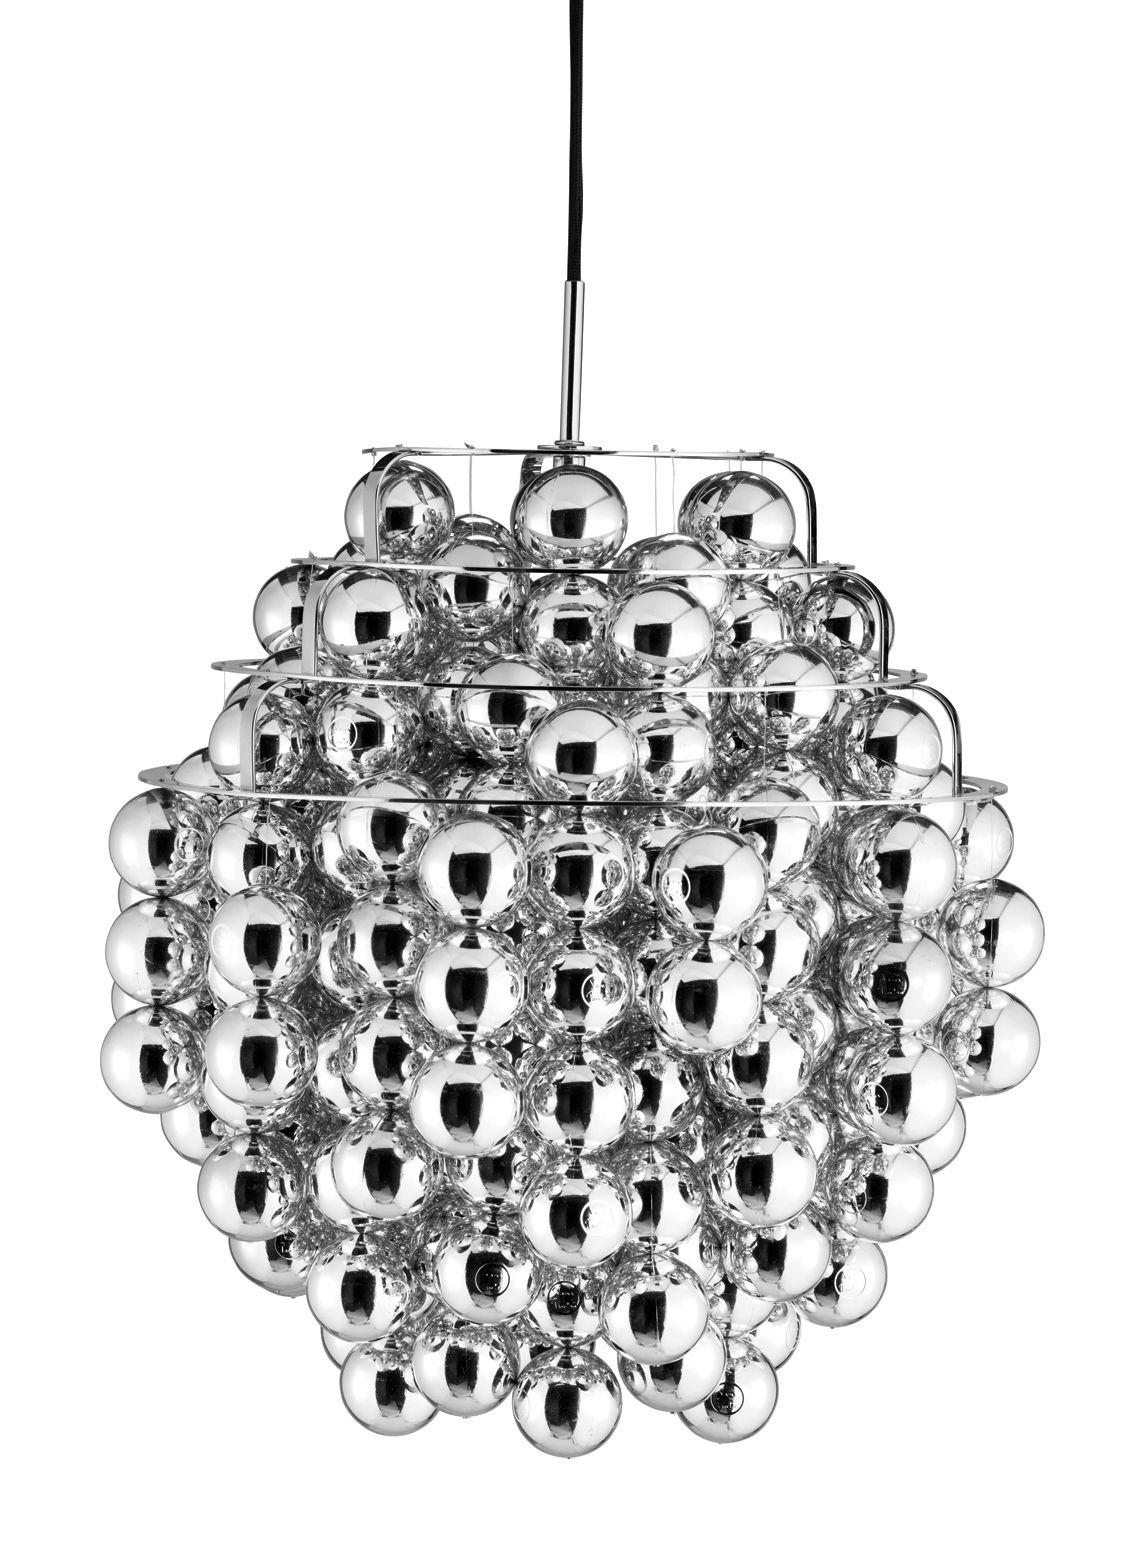 Leuchten - Pendelleuchten - Ball Pendelleuchte Ø 44 cm - Panton 1969 - Verpan - Silberfarben - Plastikmaterial